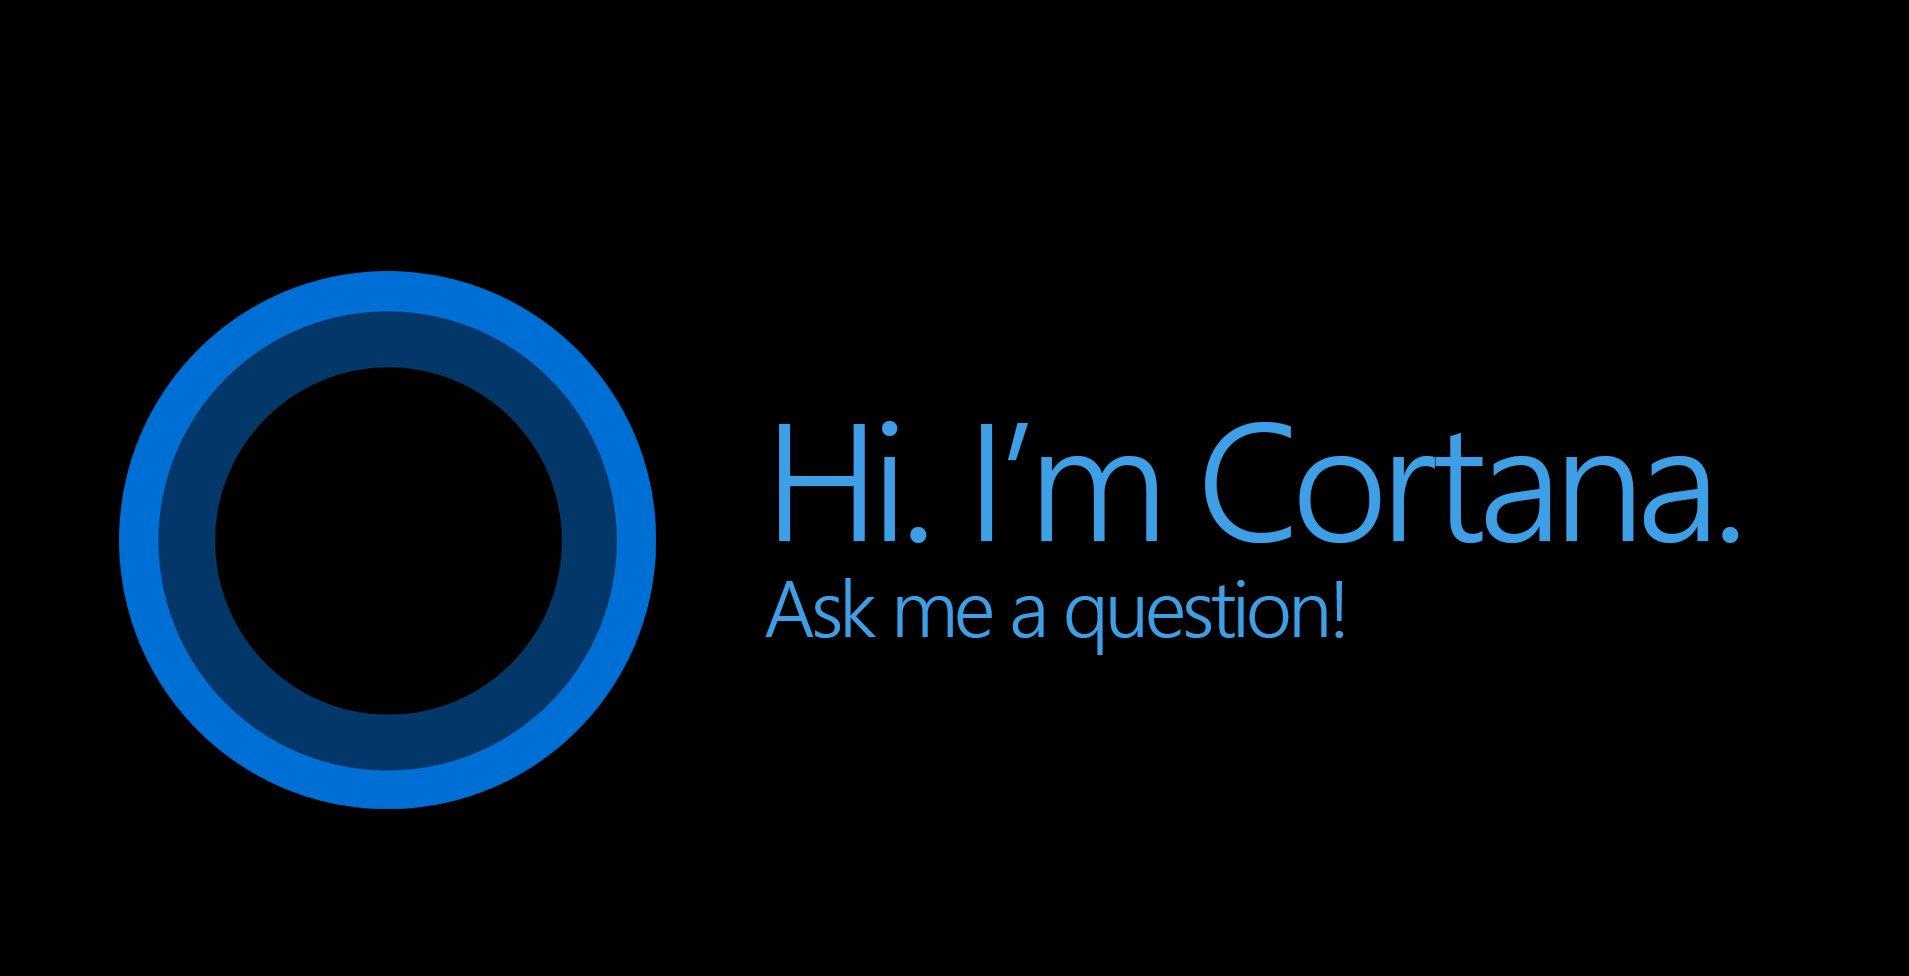 Hướng dẫn bật và sử dụng Cortana trên Windows 10 Anniversary